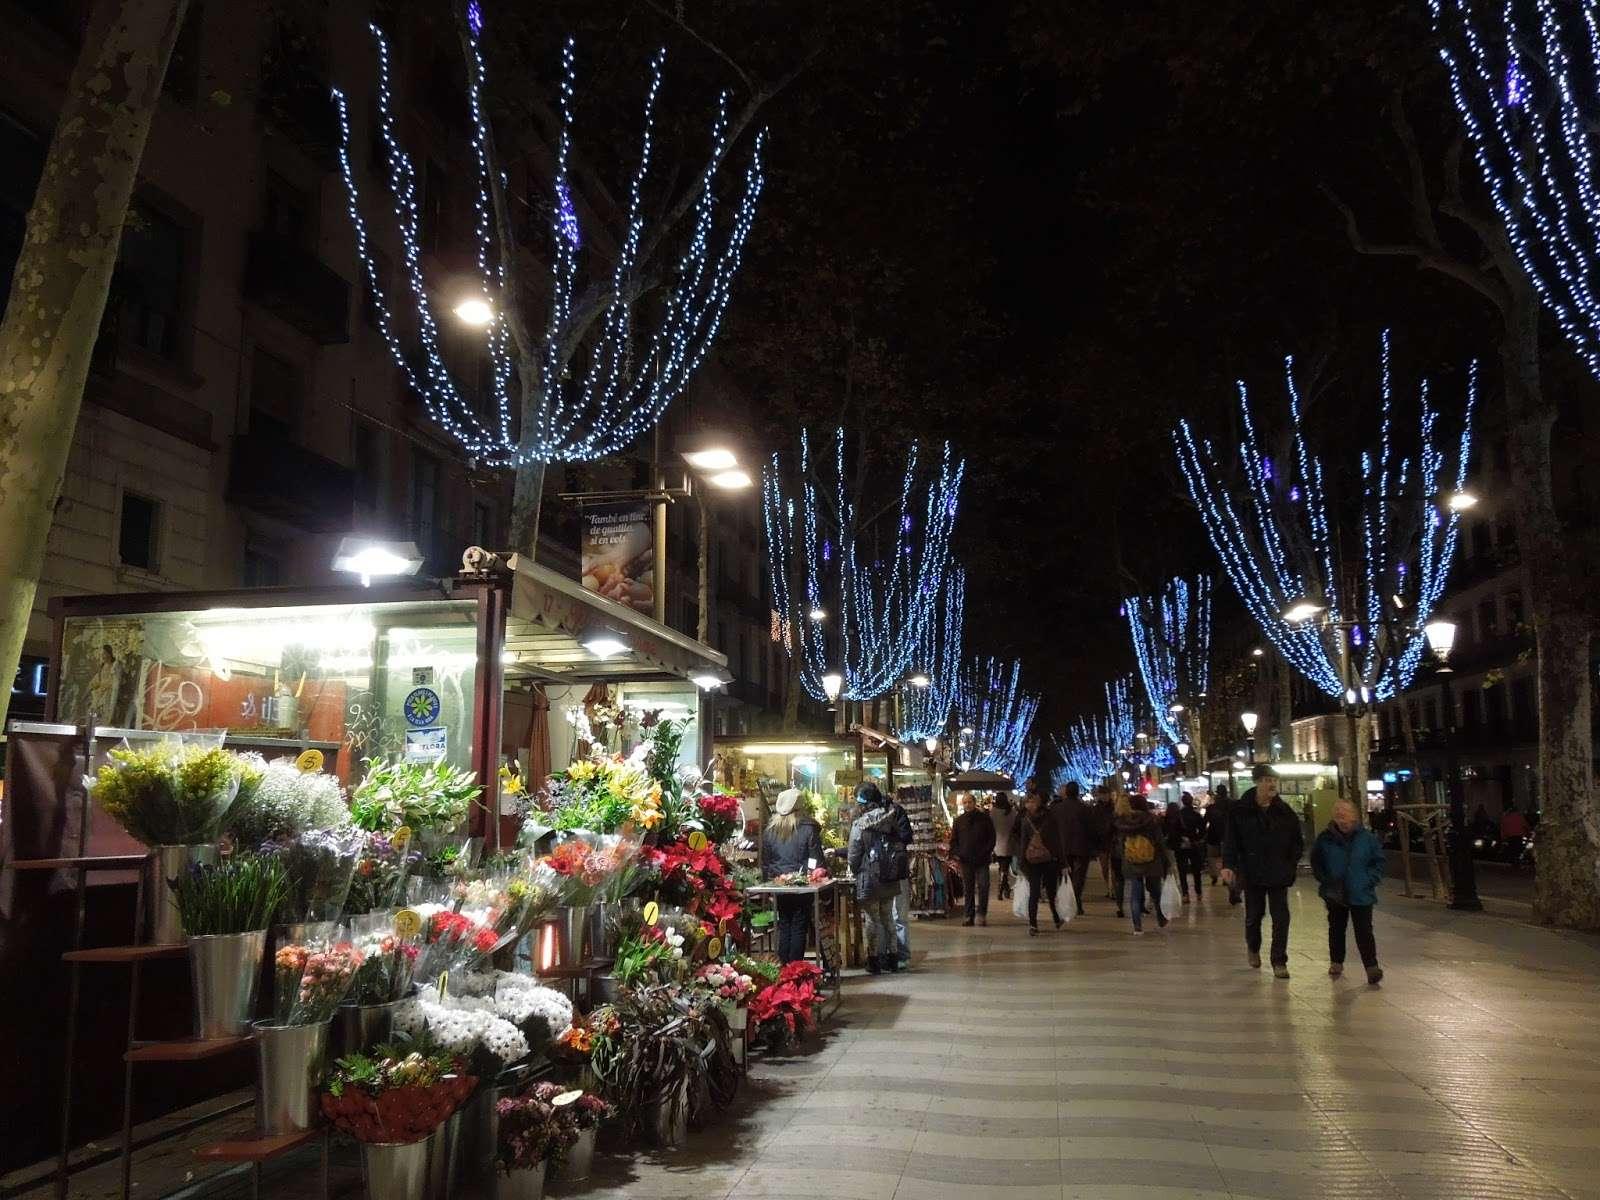 Iluminación navideña Barcelona